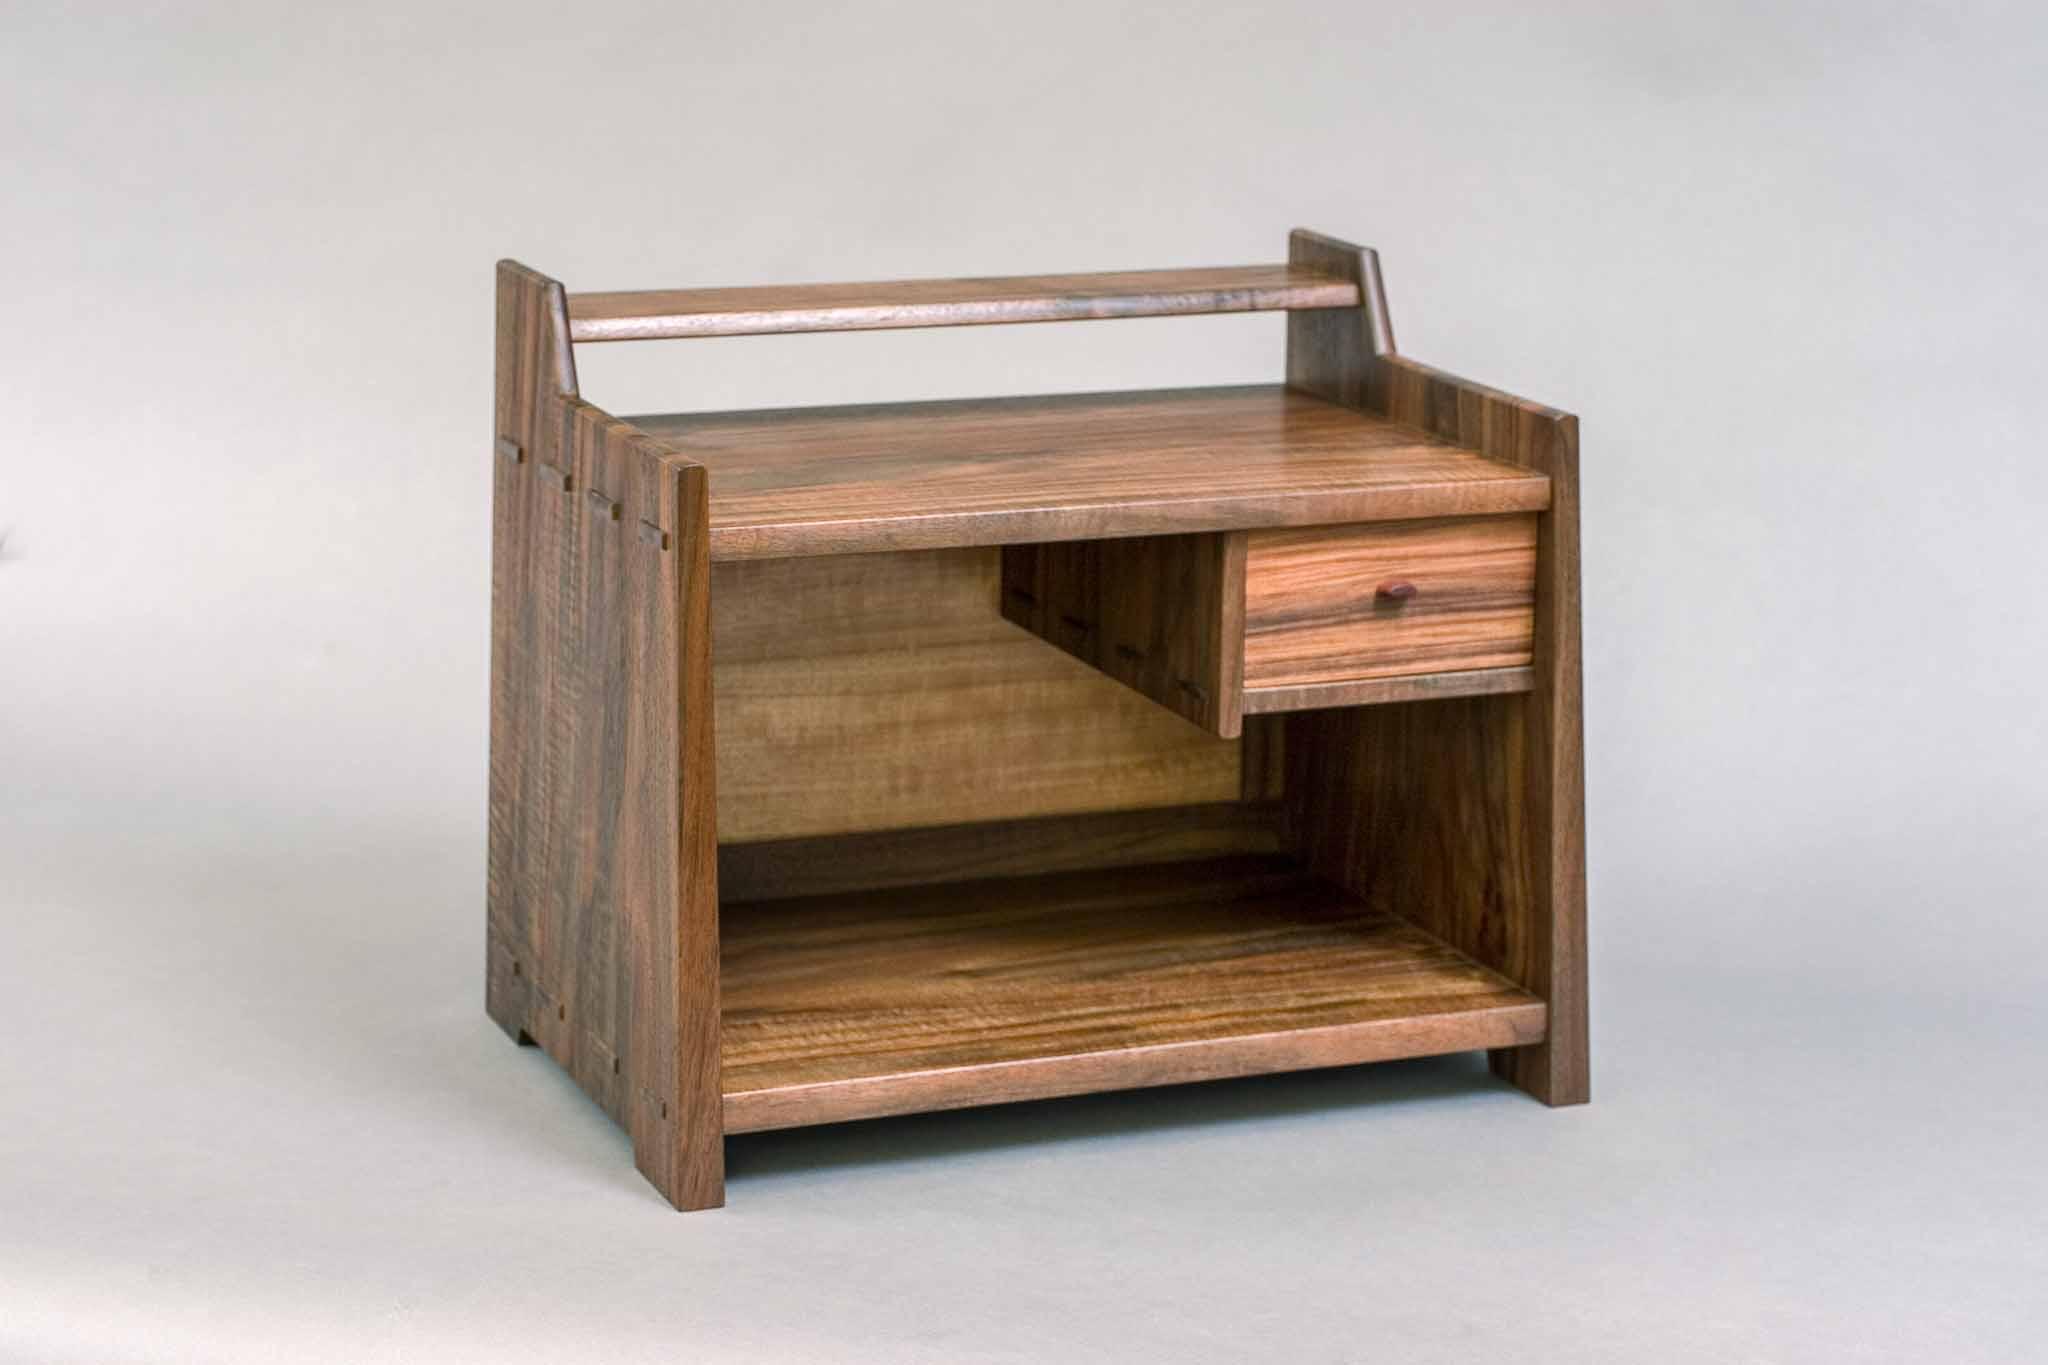 altar shelf